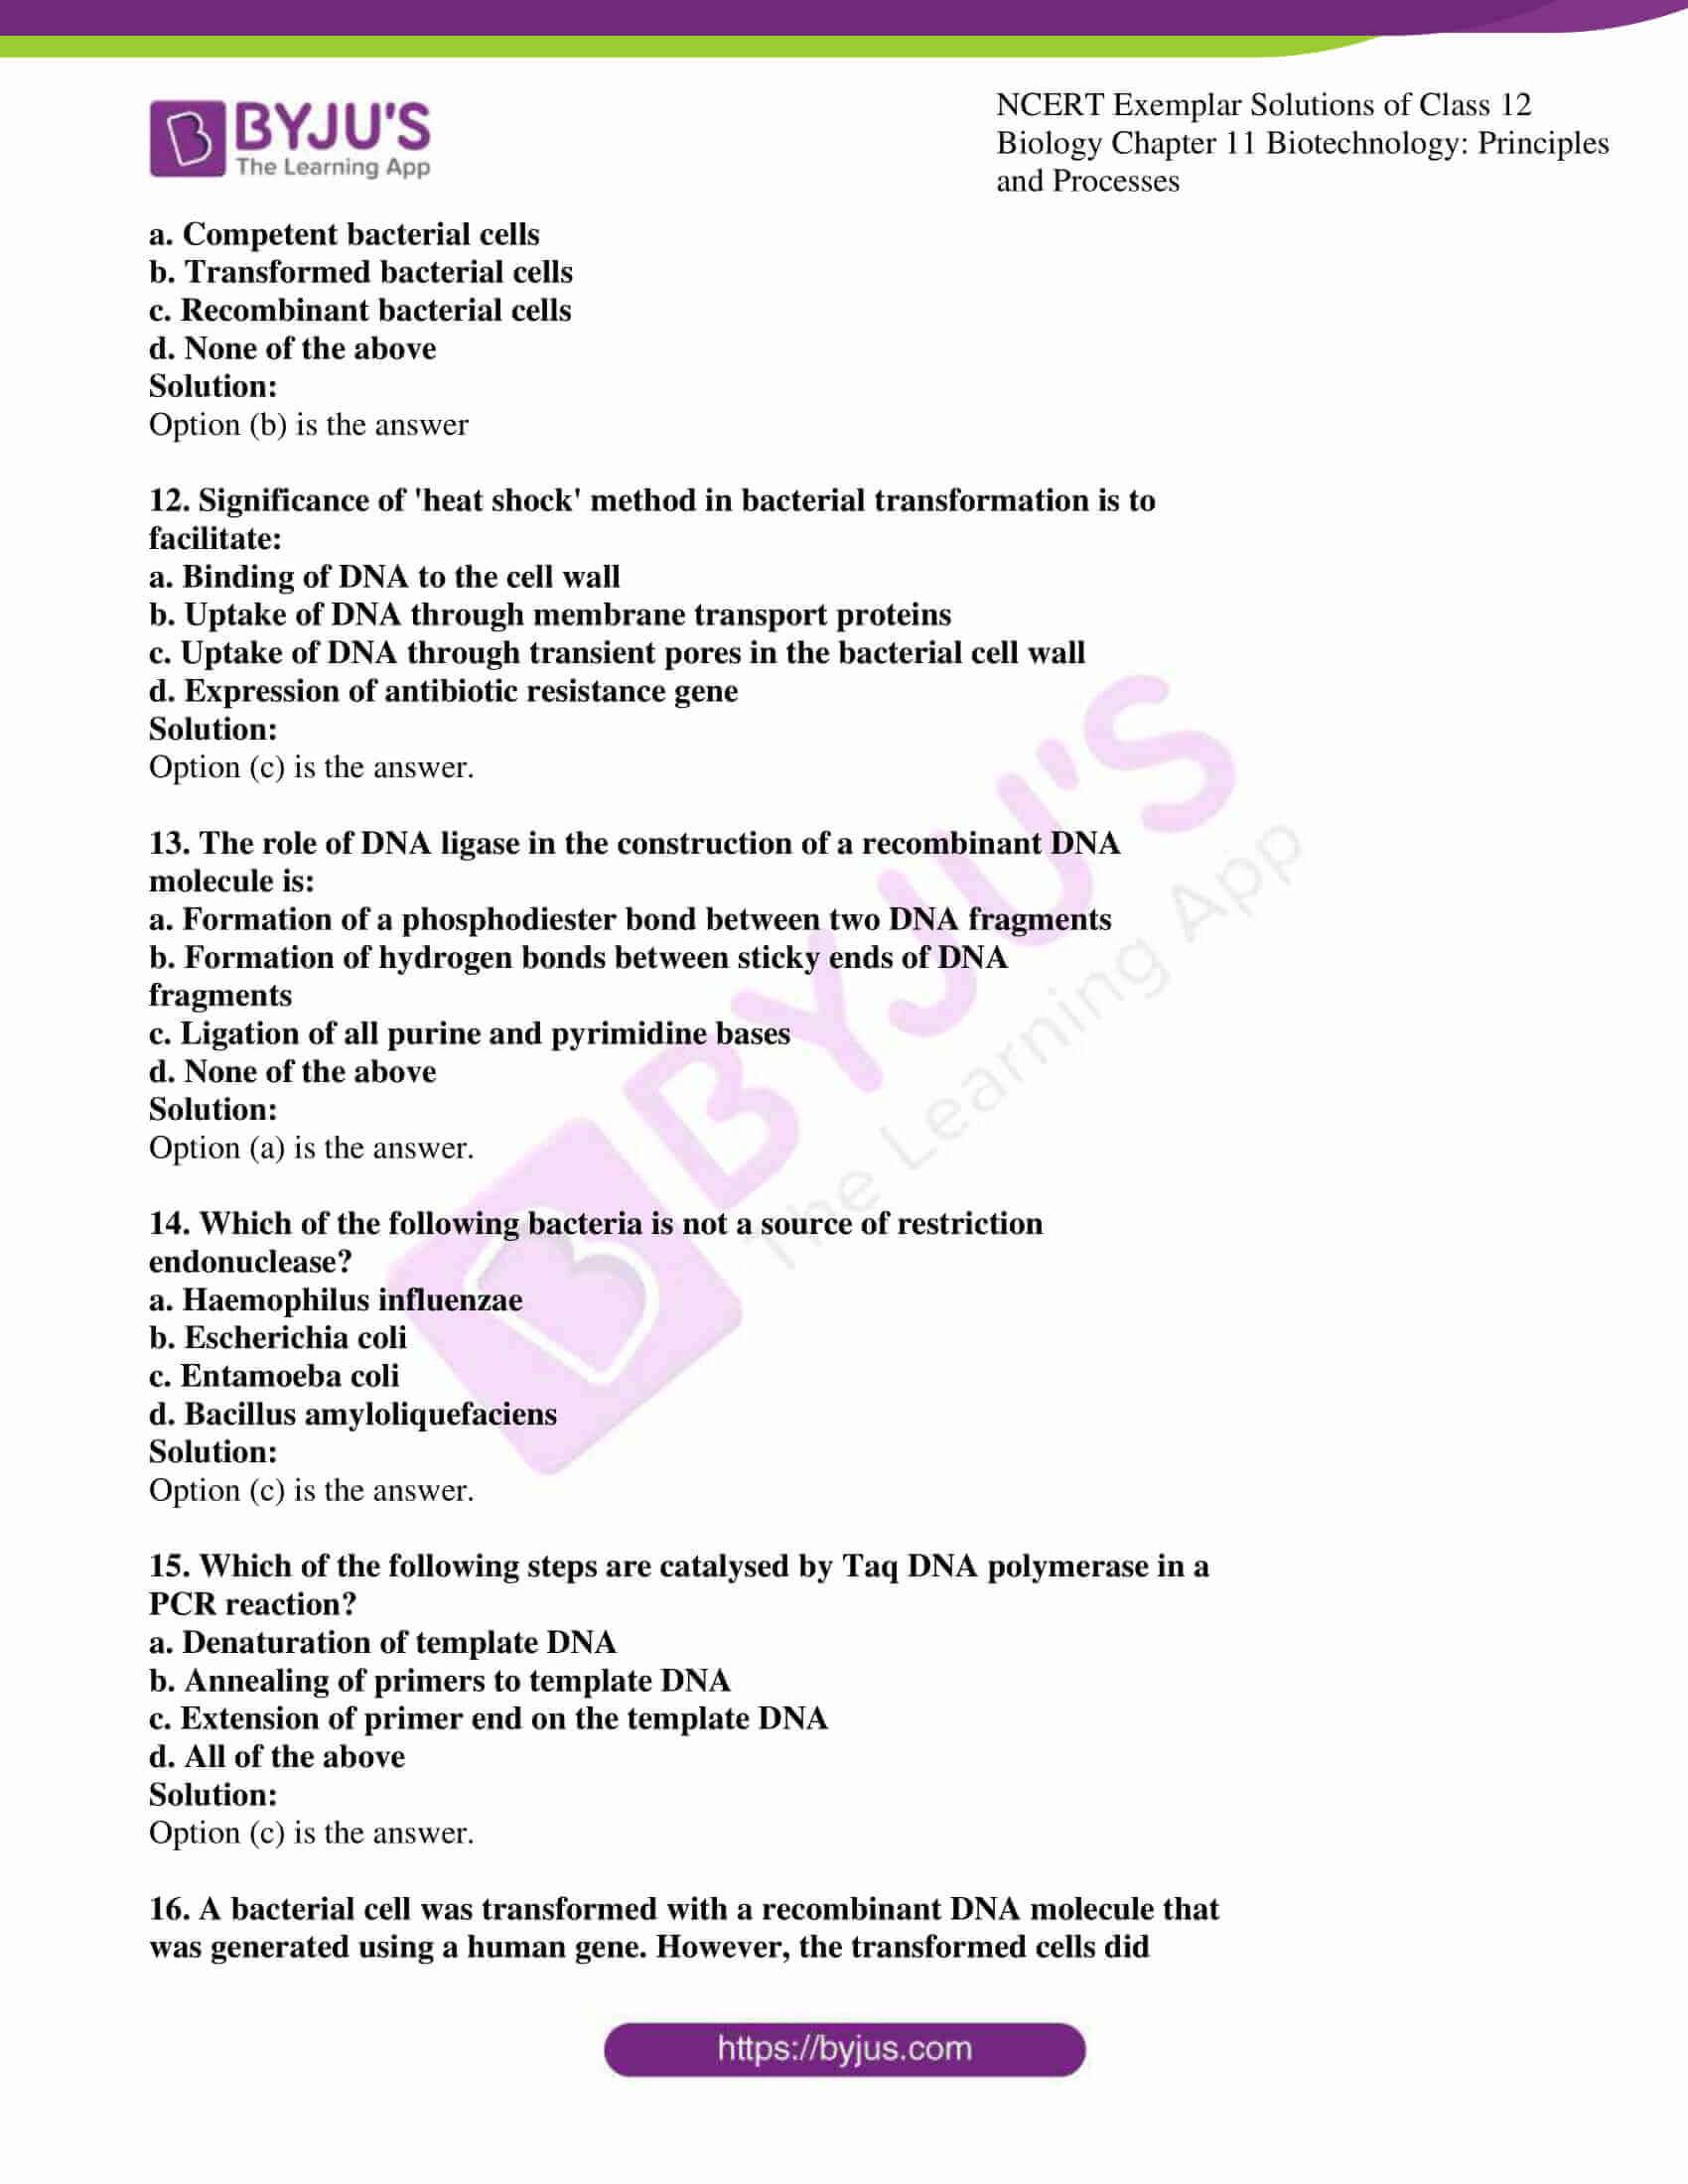 ncert exemplar solution of class 12 biology chapter 11 3